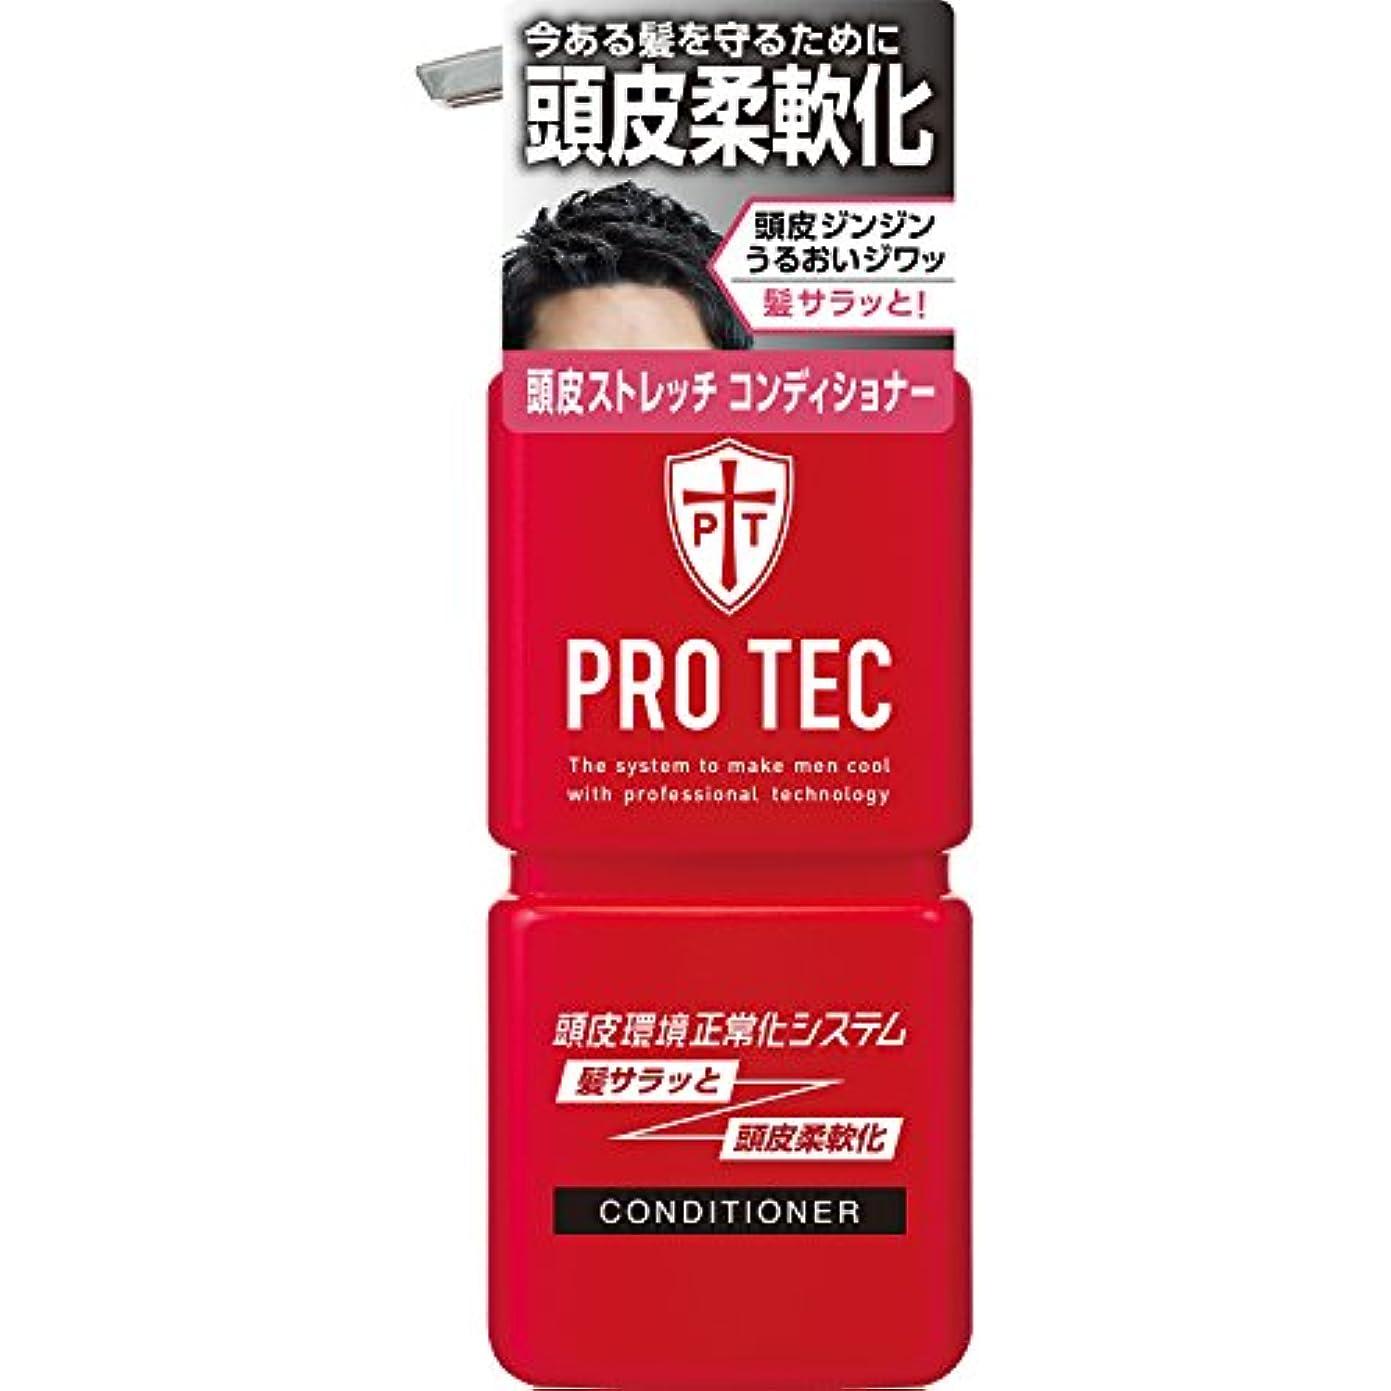 年ジョージハンブリーエイリアンPRO TEC(プロテク) 頭皮ストレッチ コンディショナー 本体ポンプ 300g